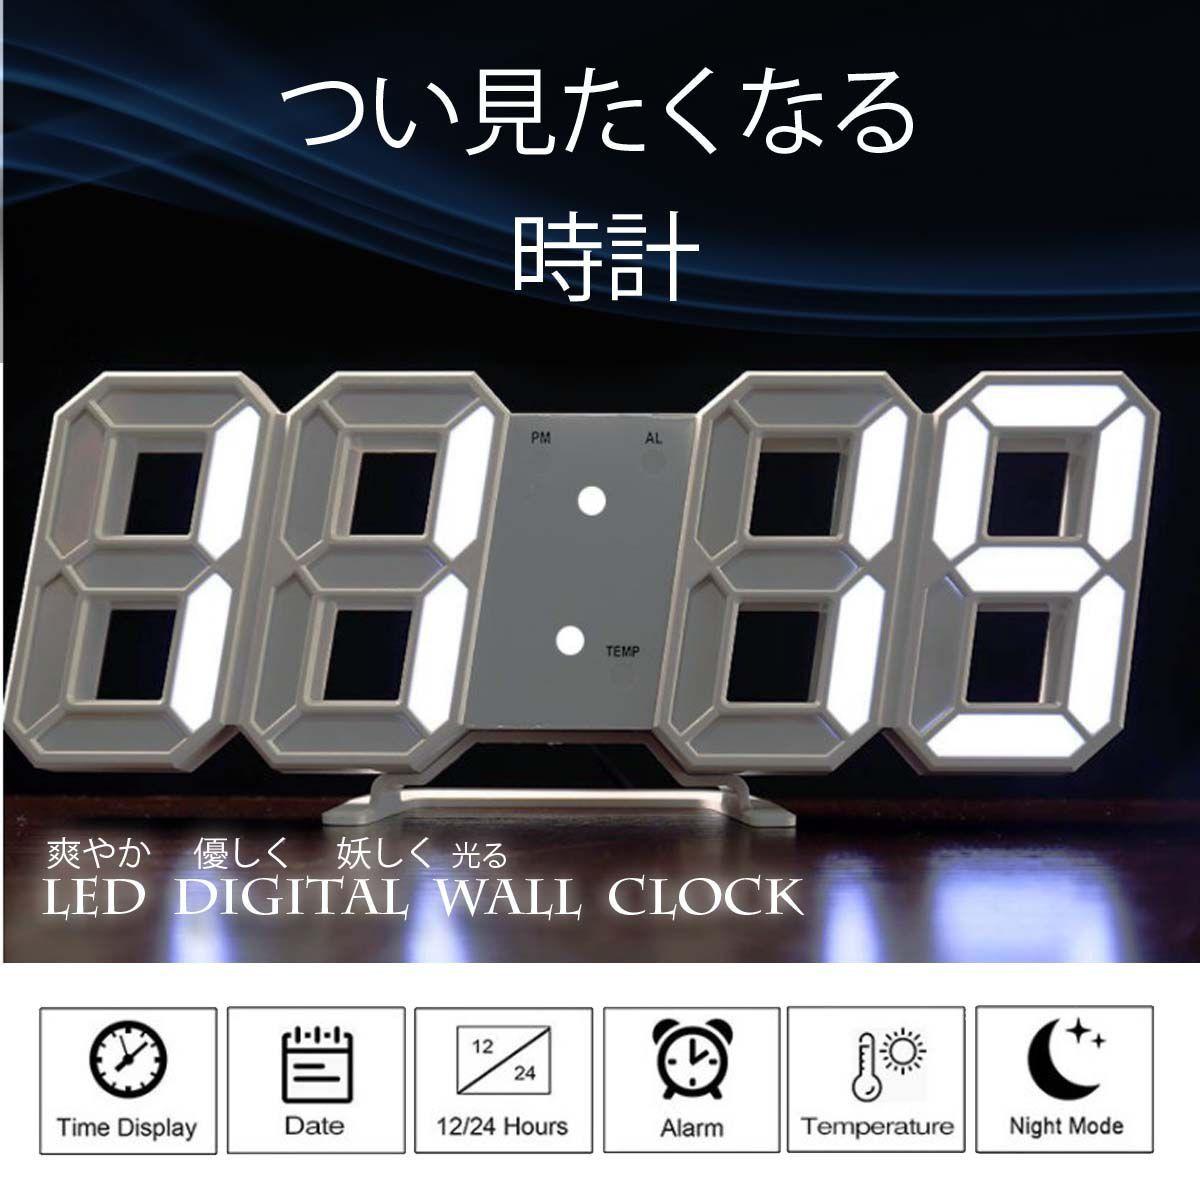 おしゃれ 韓国 インテリア 温度表示 自動調光 3D 買取 置き時計 掛け時計 現金特価 目覚まし時計 ウォール 置時計 壁掛け時計 デジタル LED クロック